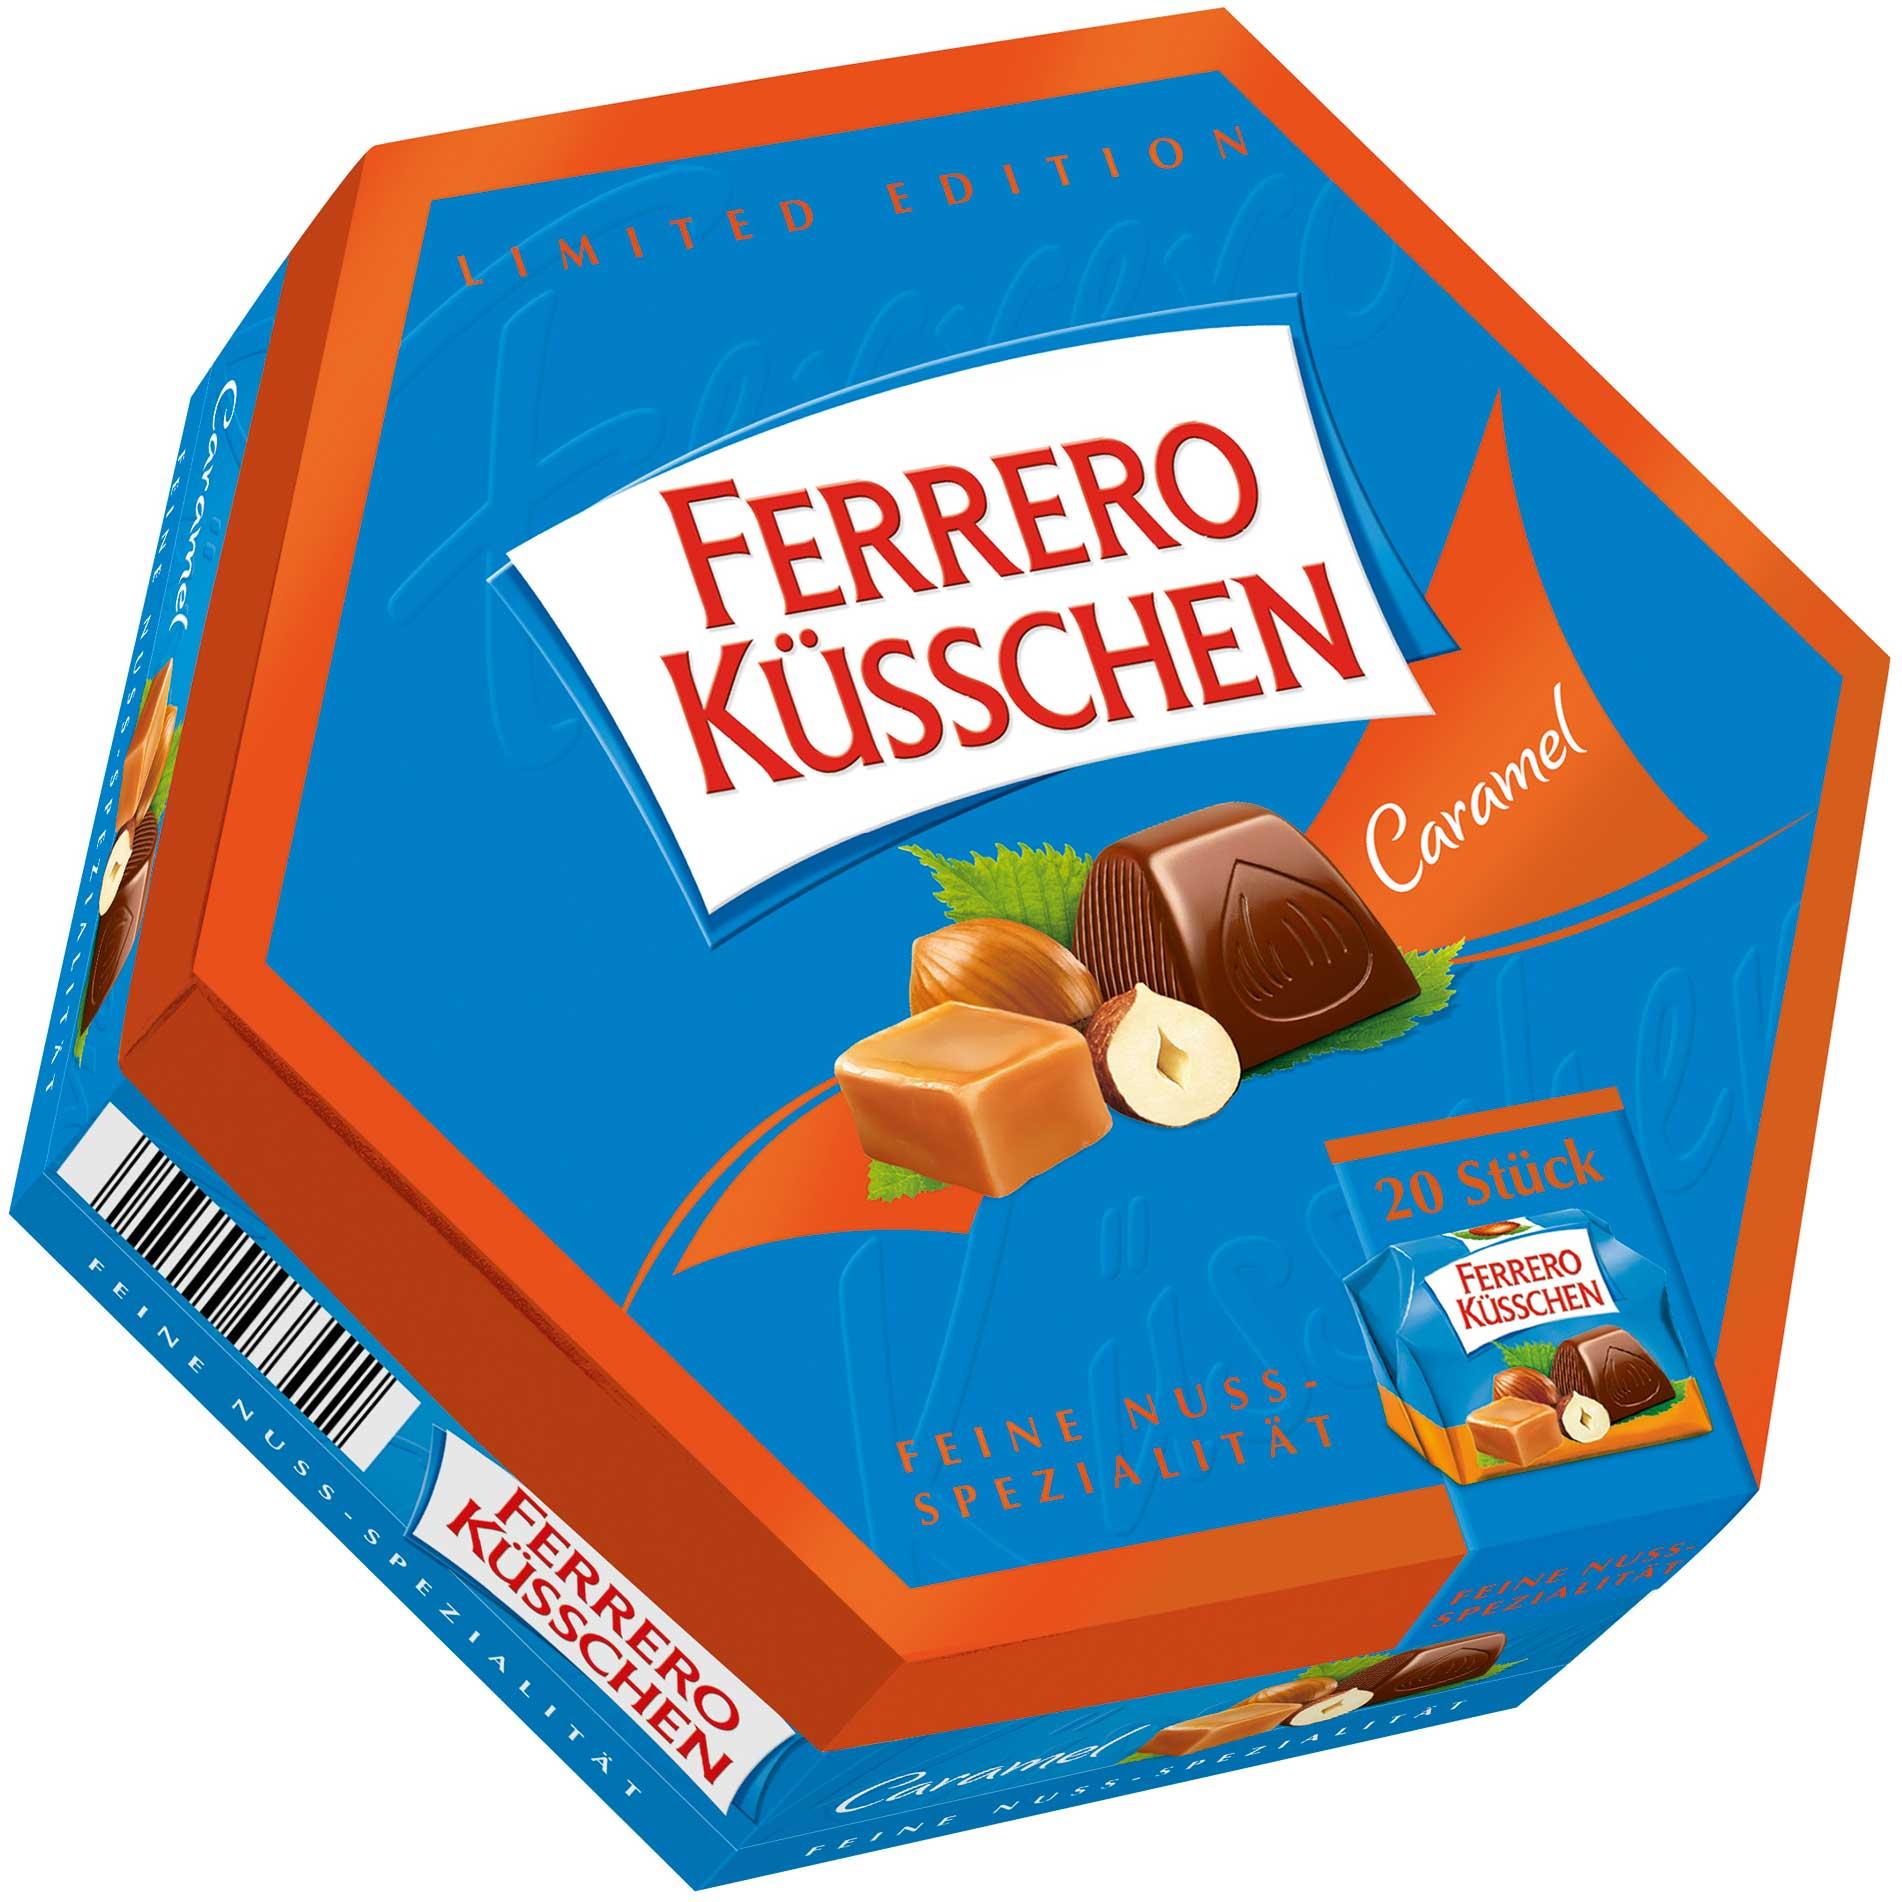 Ferrero >- Kuesschen